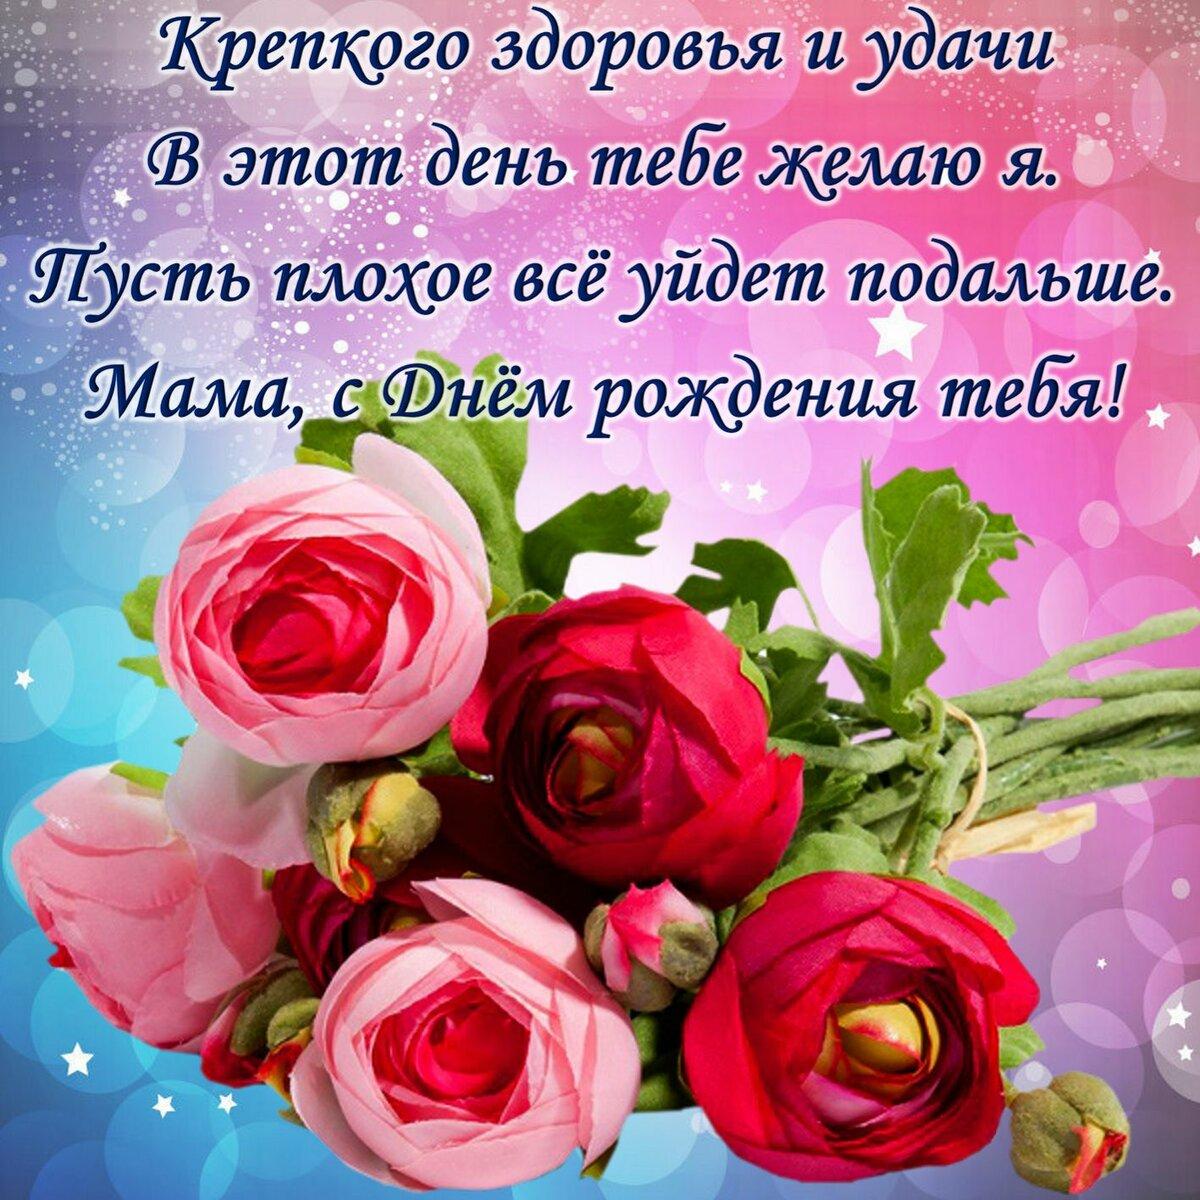 Поздравления маме картинки красивый